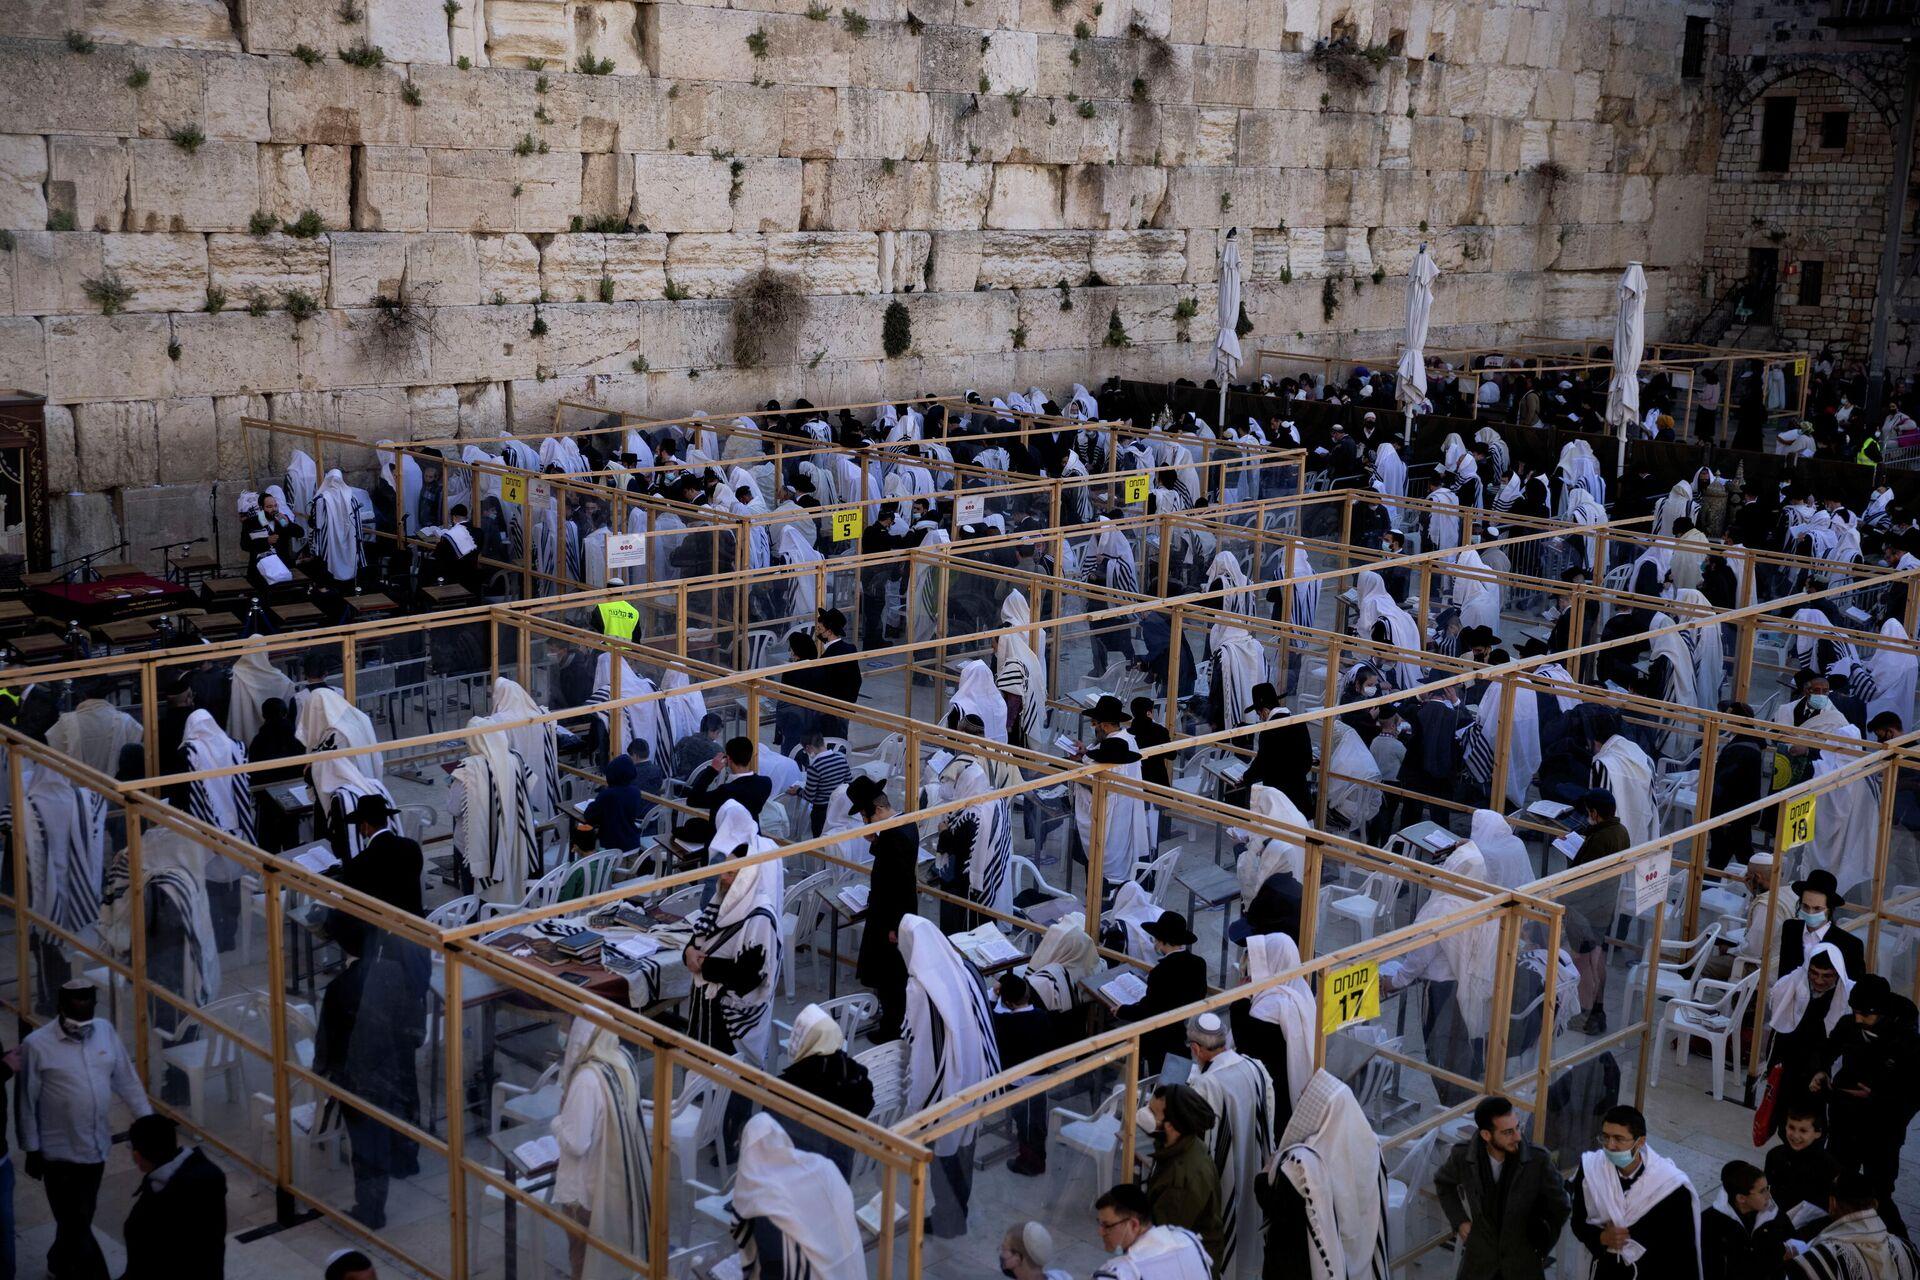 La ceremonia de Pascua judía en Jerusalén, el 29 de marzo de 2021 - Sputnik Mundo, 1920, 29.03.2021